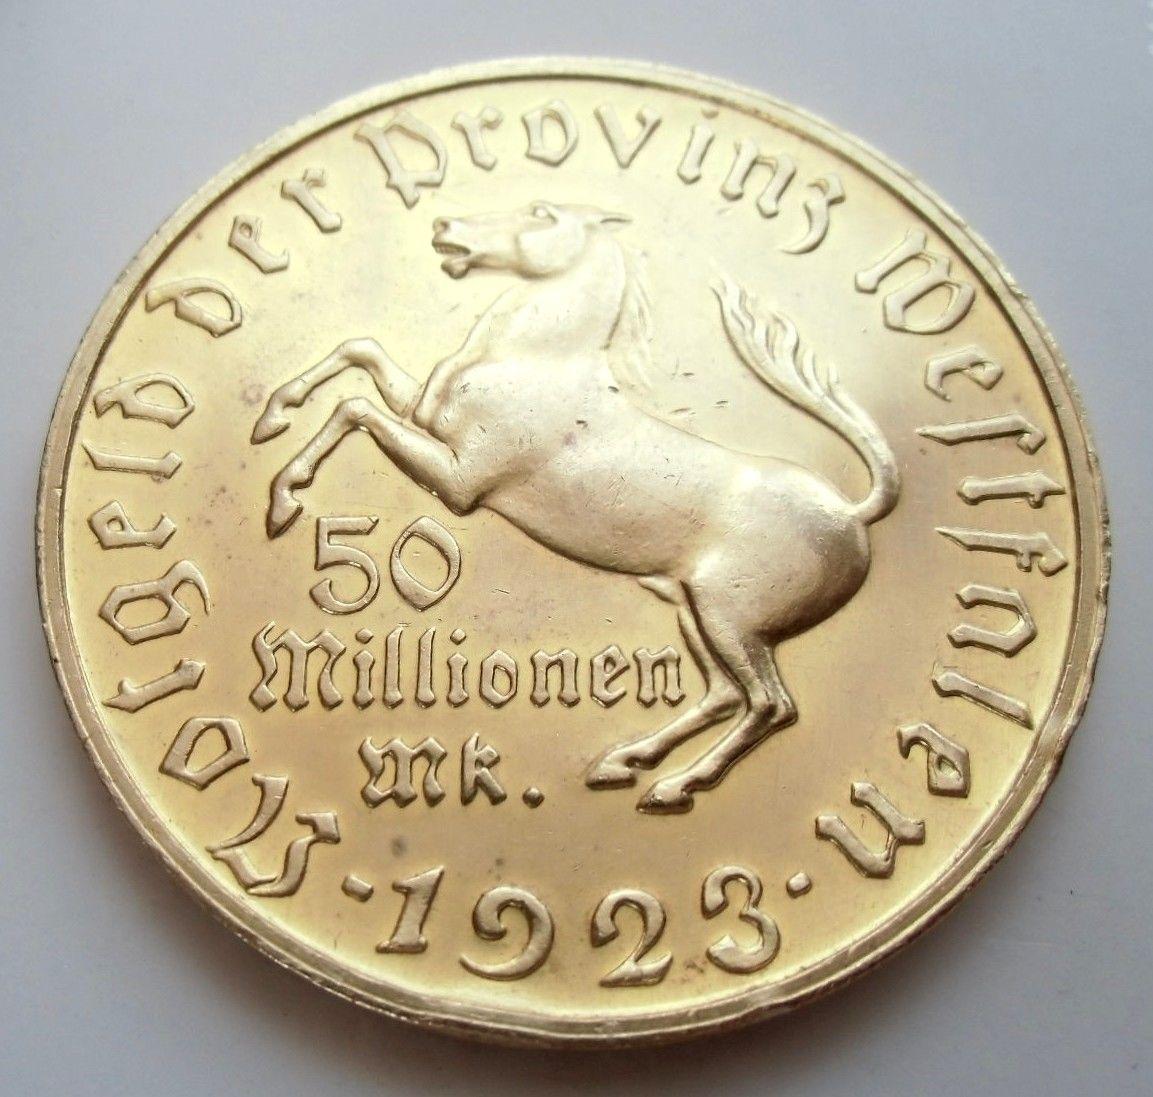 Monedas de emergencia emitidas por el banco regional de Westphalia 1923_50mb